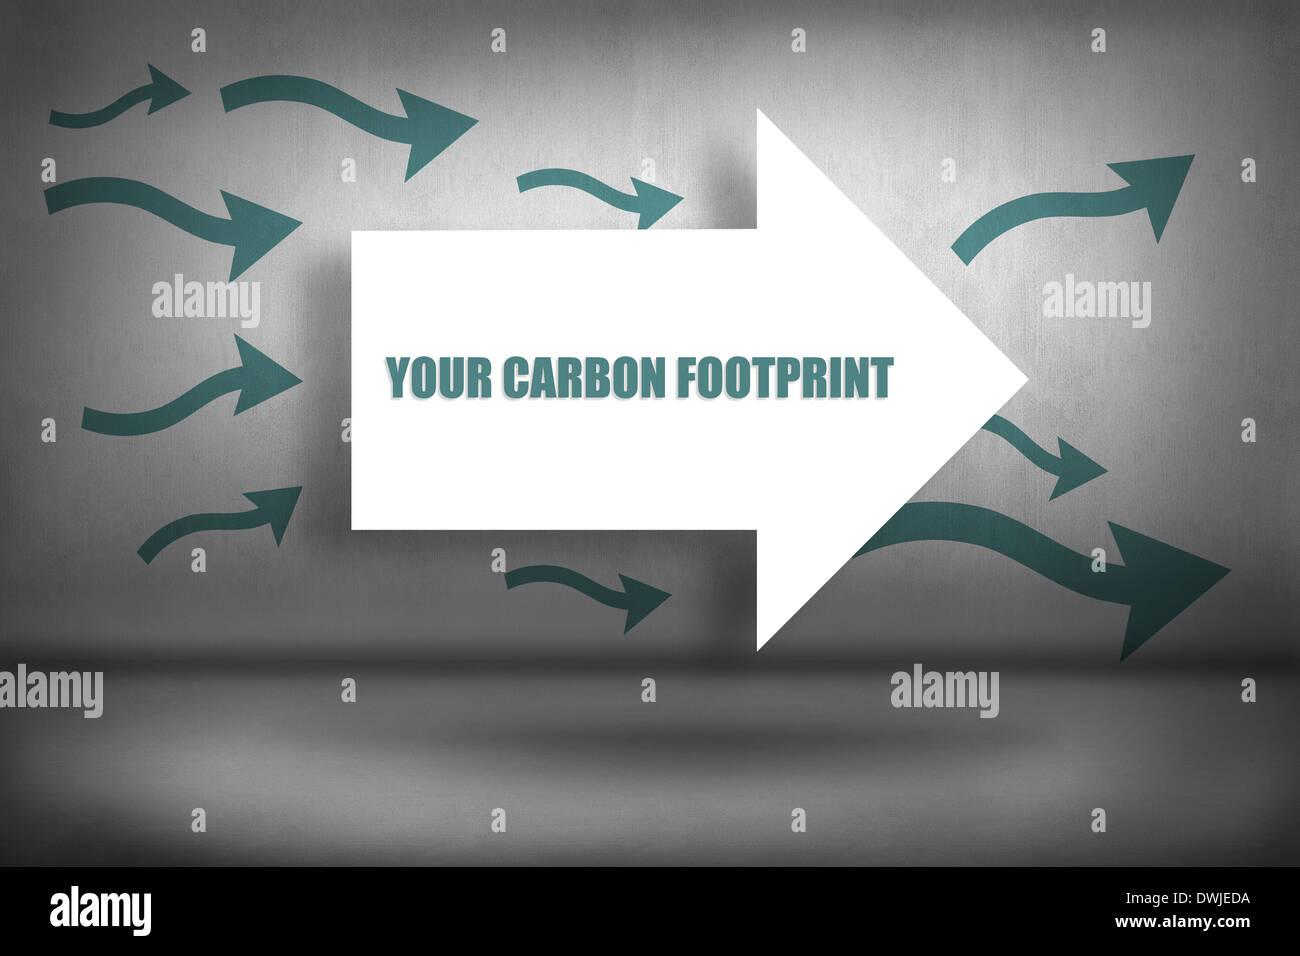 Votre empreinte de carbone contre les flèches Photo Stock